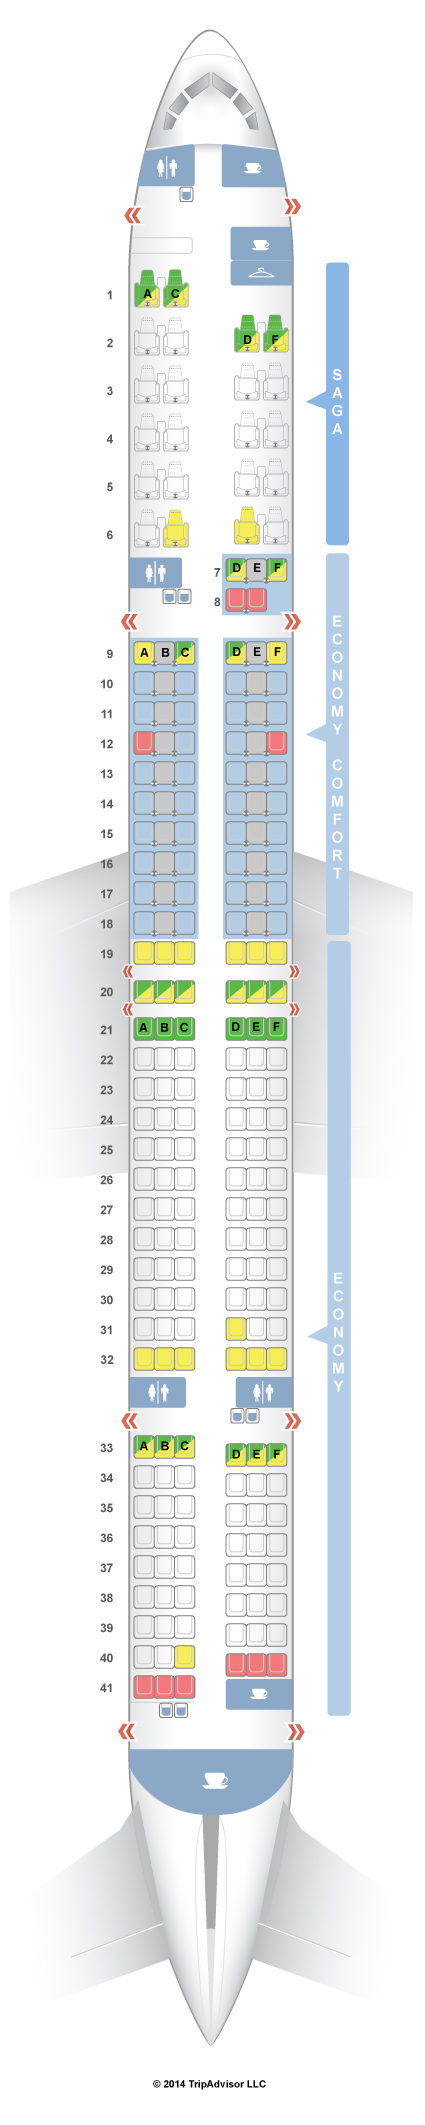 Seatguru seat map icelandair boeing also best images airplanes aircraft plane rh pinterest